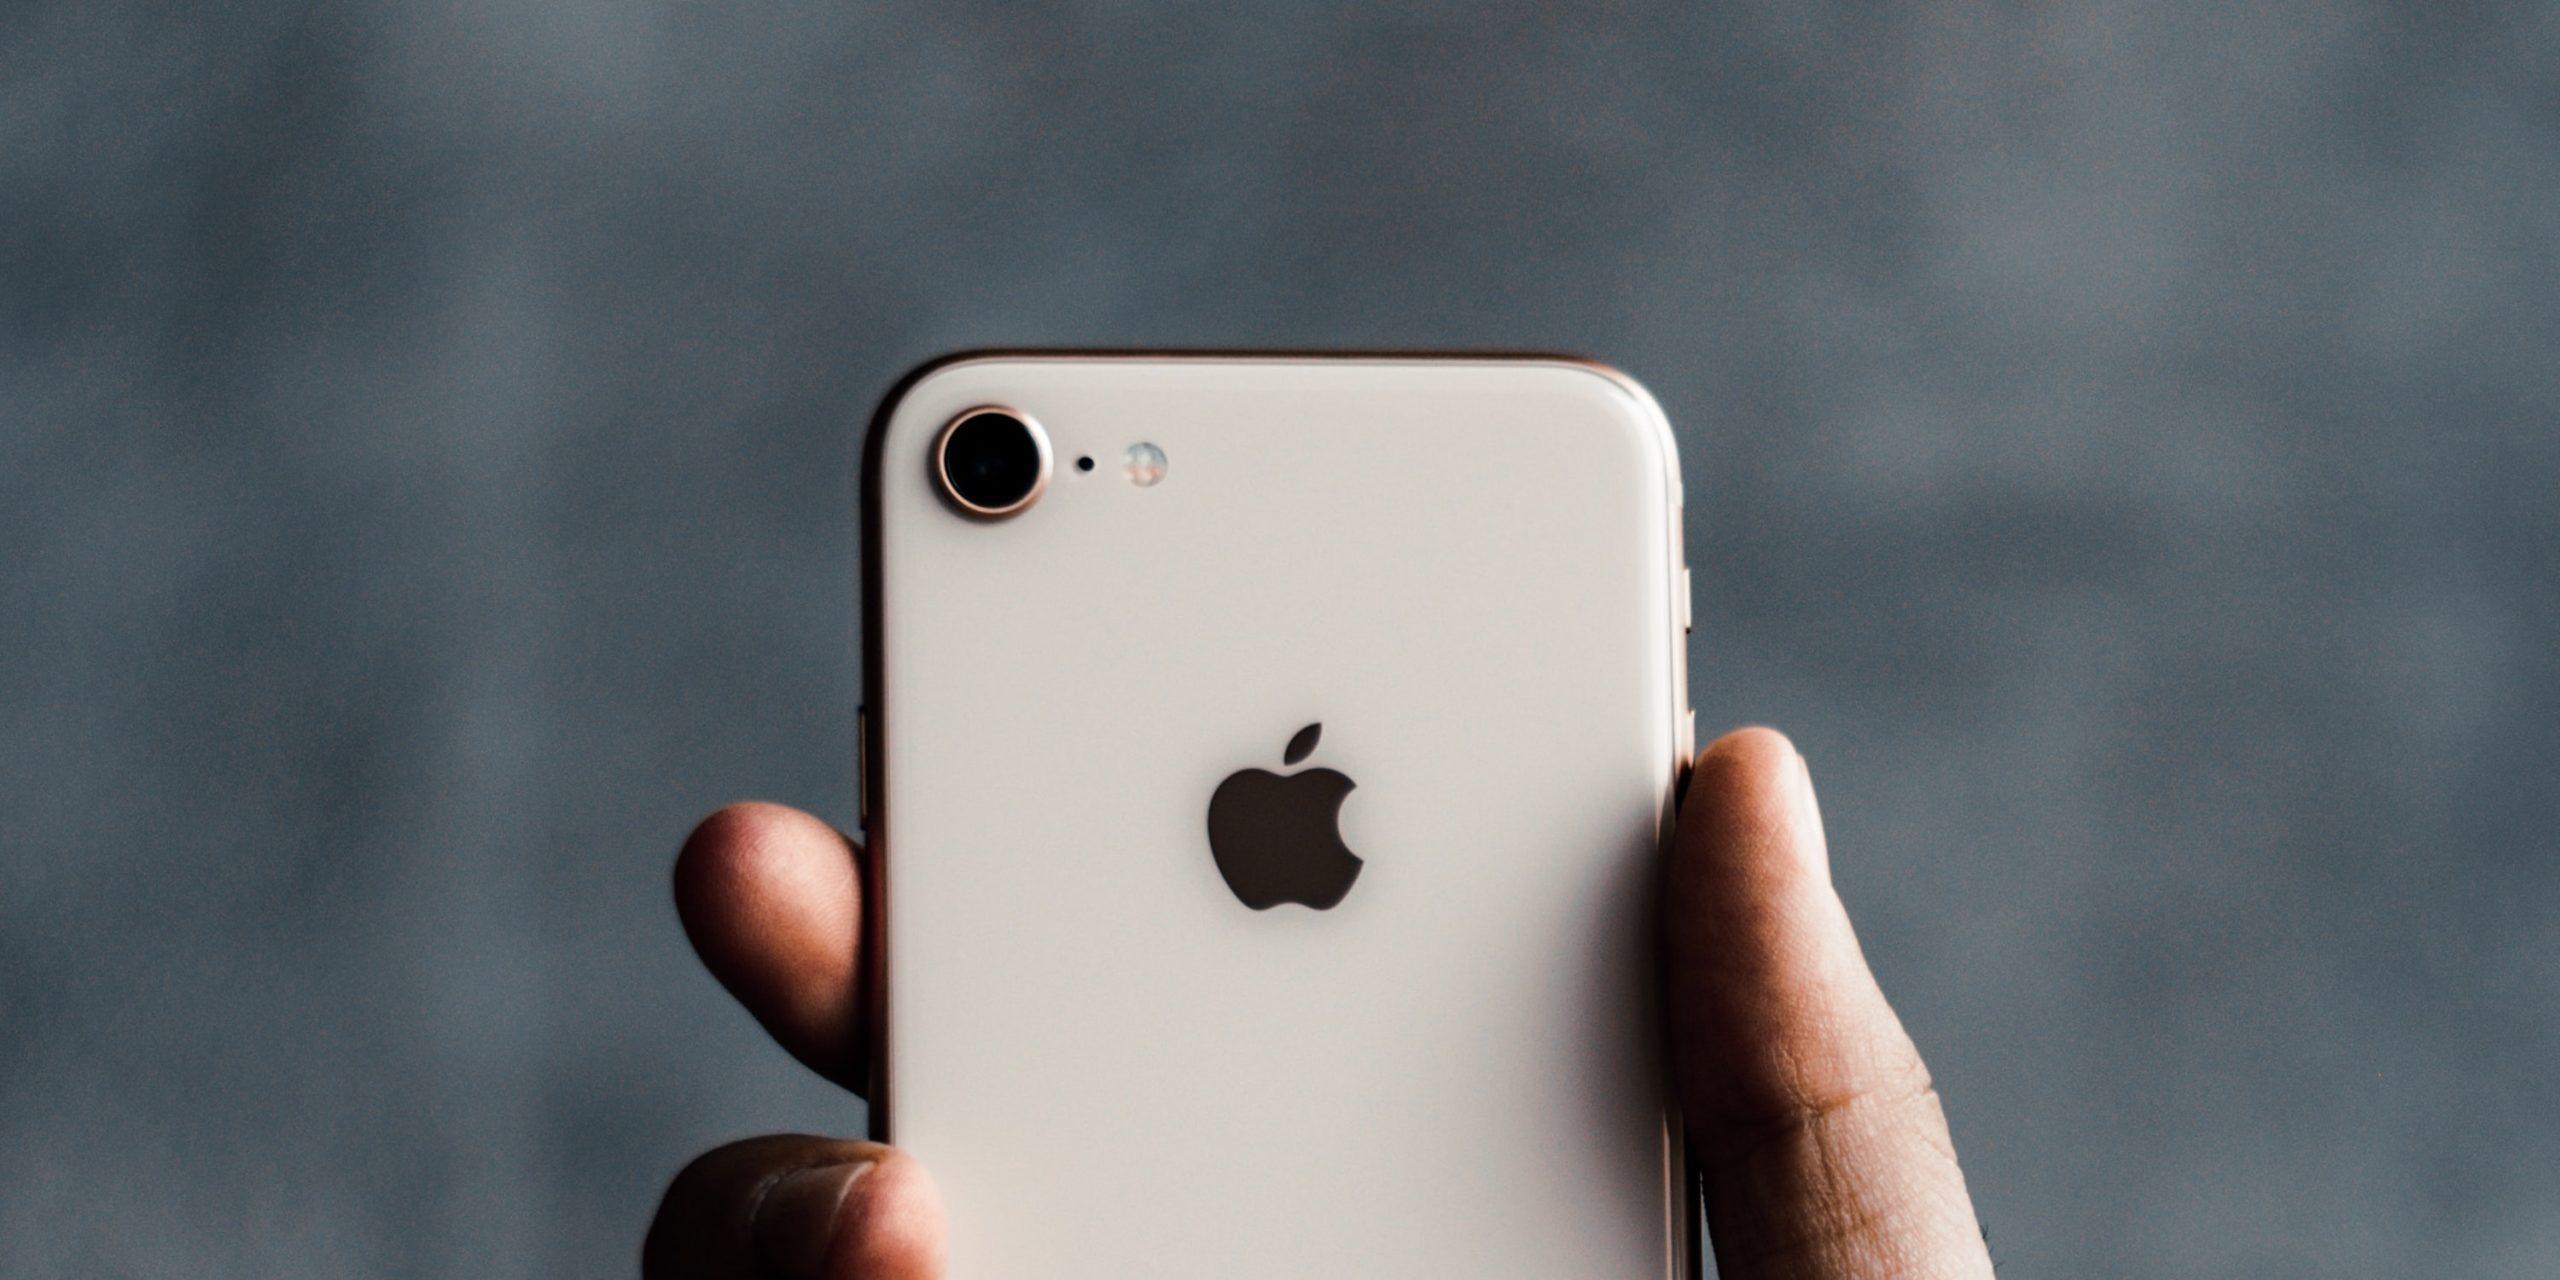 iPhone8のカメラの画素数や性能を全て徹底解説!どれくらい綺麗に撮影 ...